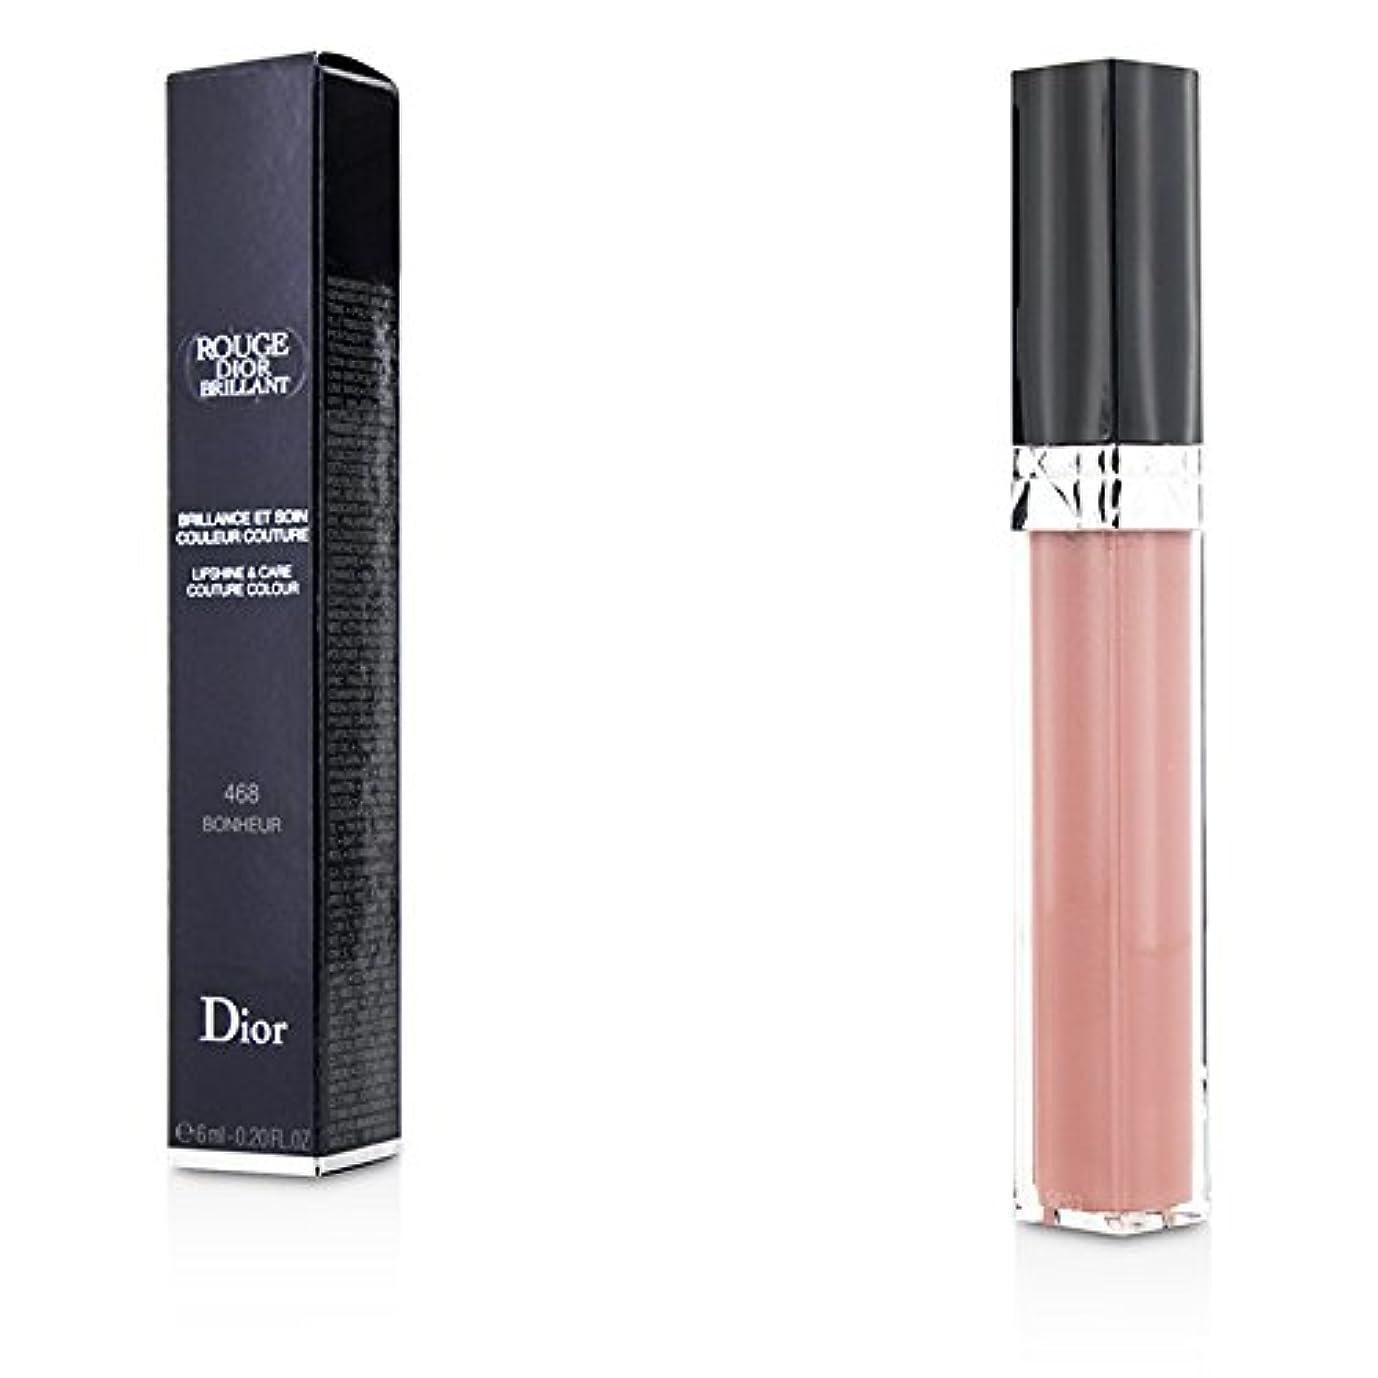 中にラグれんがクリスチャンディオール Rouge Dior Brillant Lipgloss - # 468 Bonheur 6ml/0.2oz並行輸入品